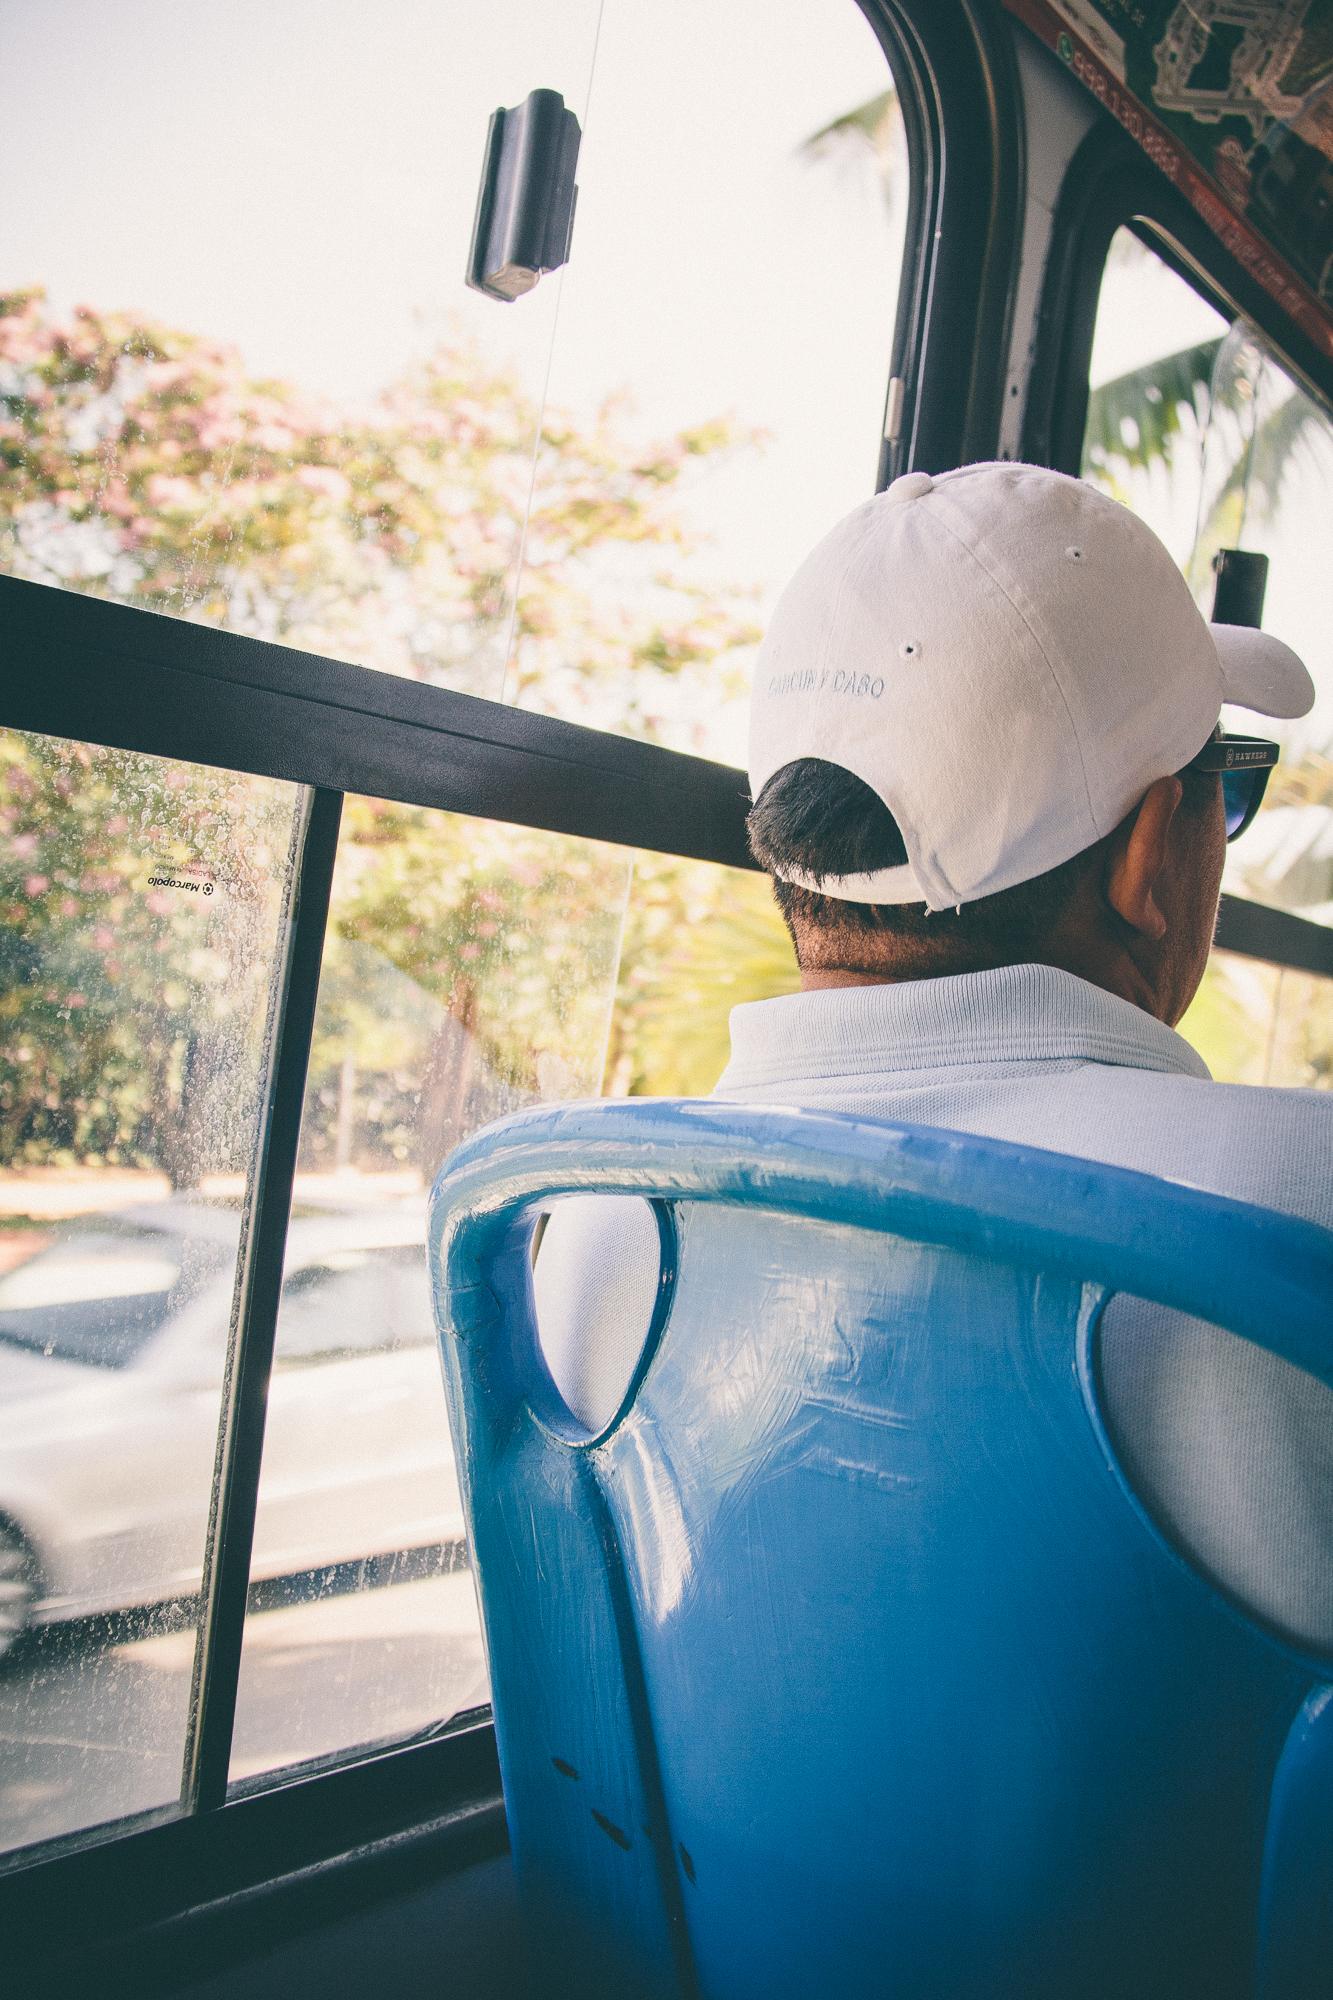 MP_16.04.08-13_Cancun Mexico-0796.jpg